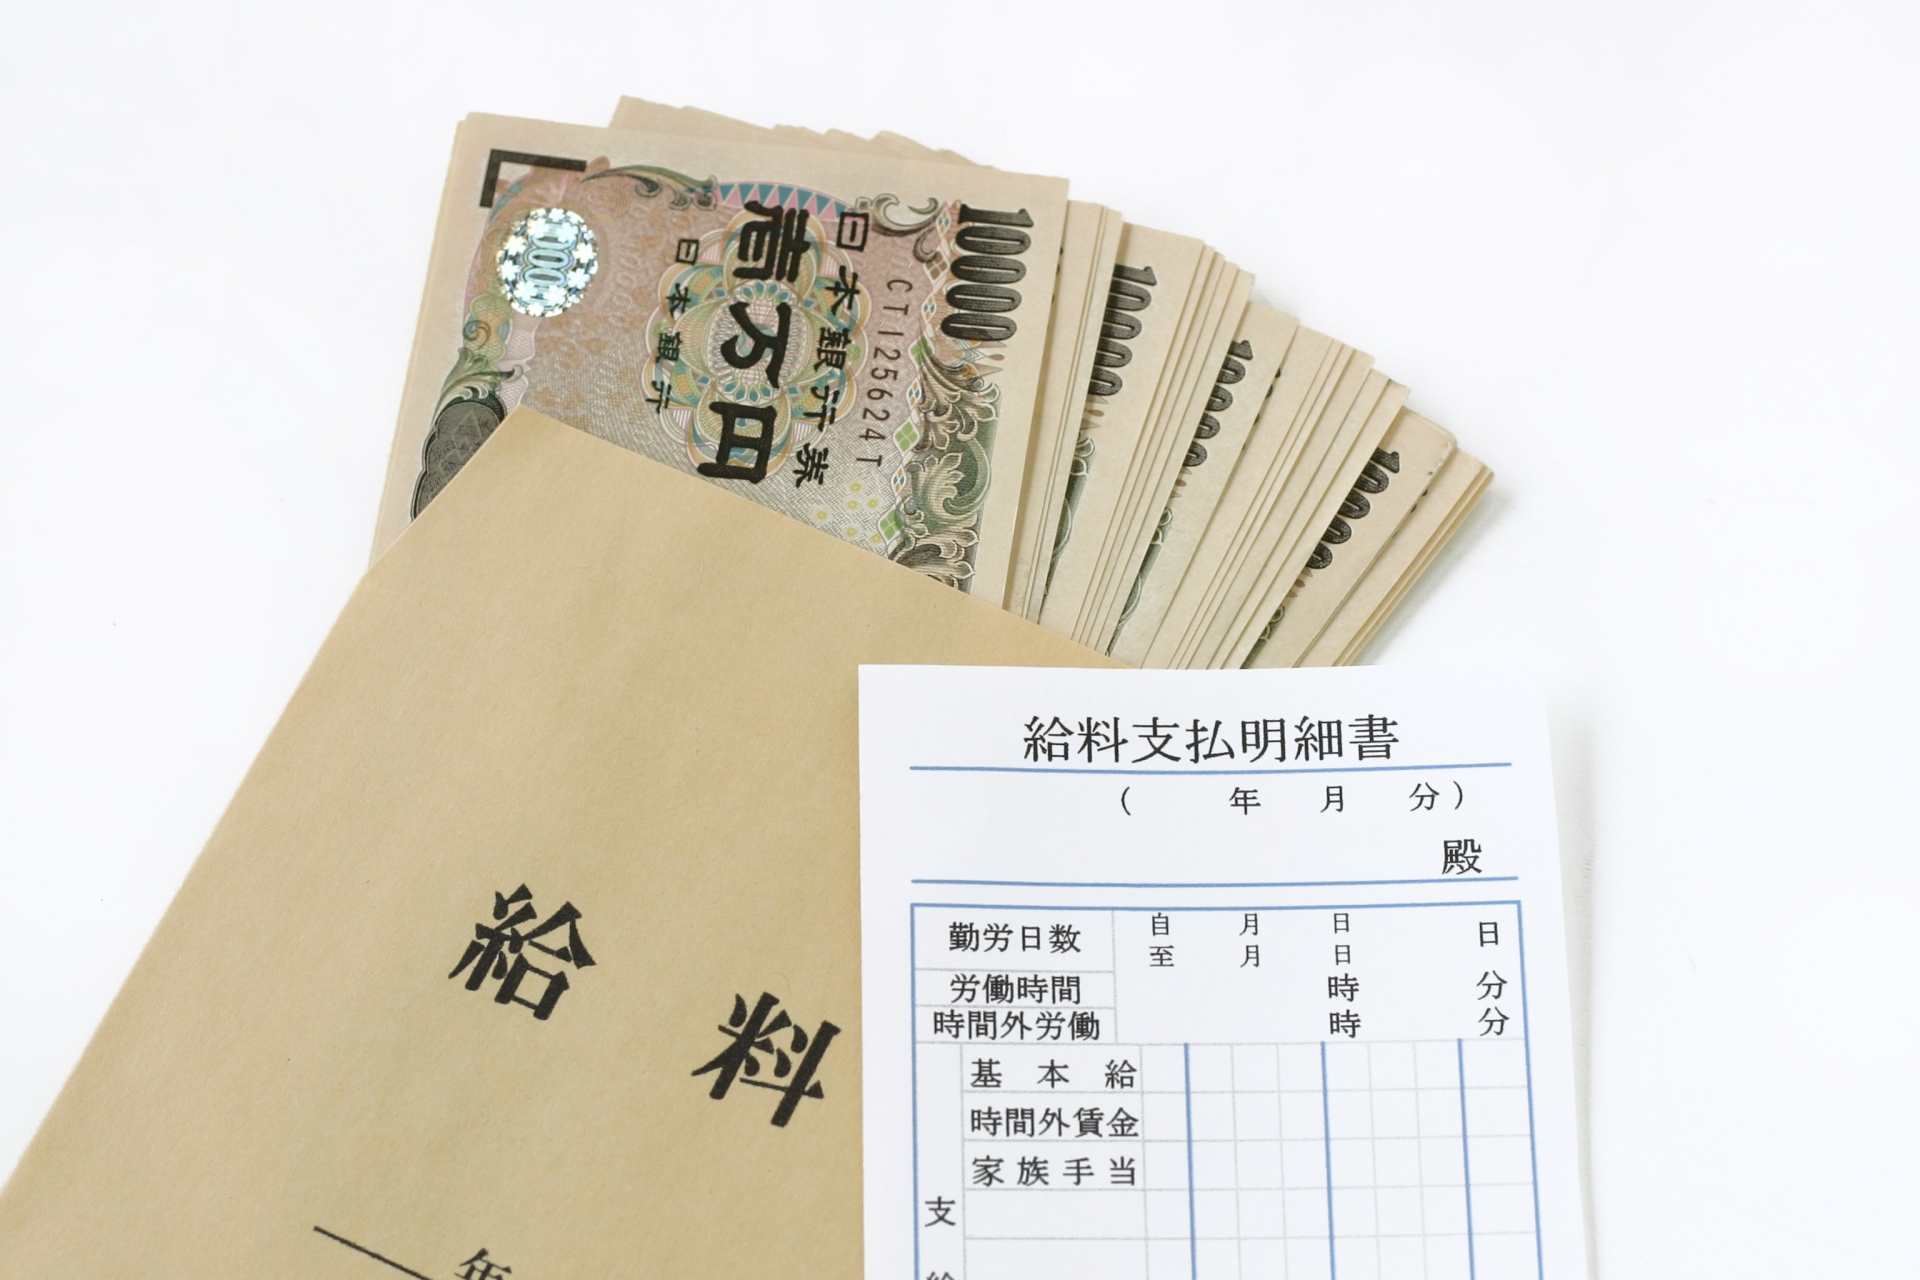 営業職の給料